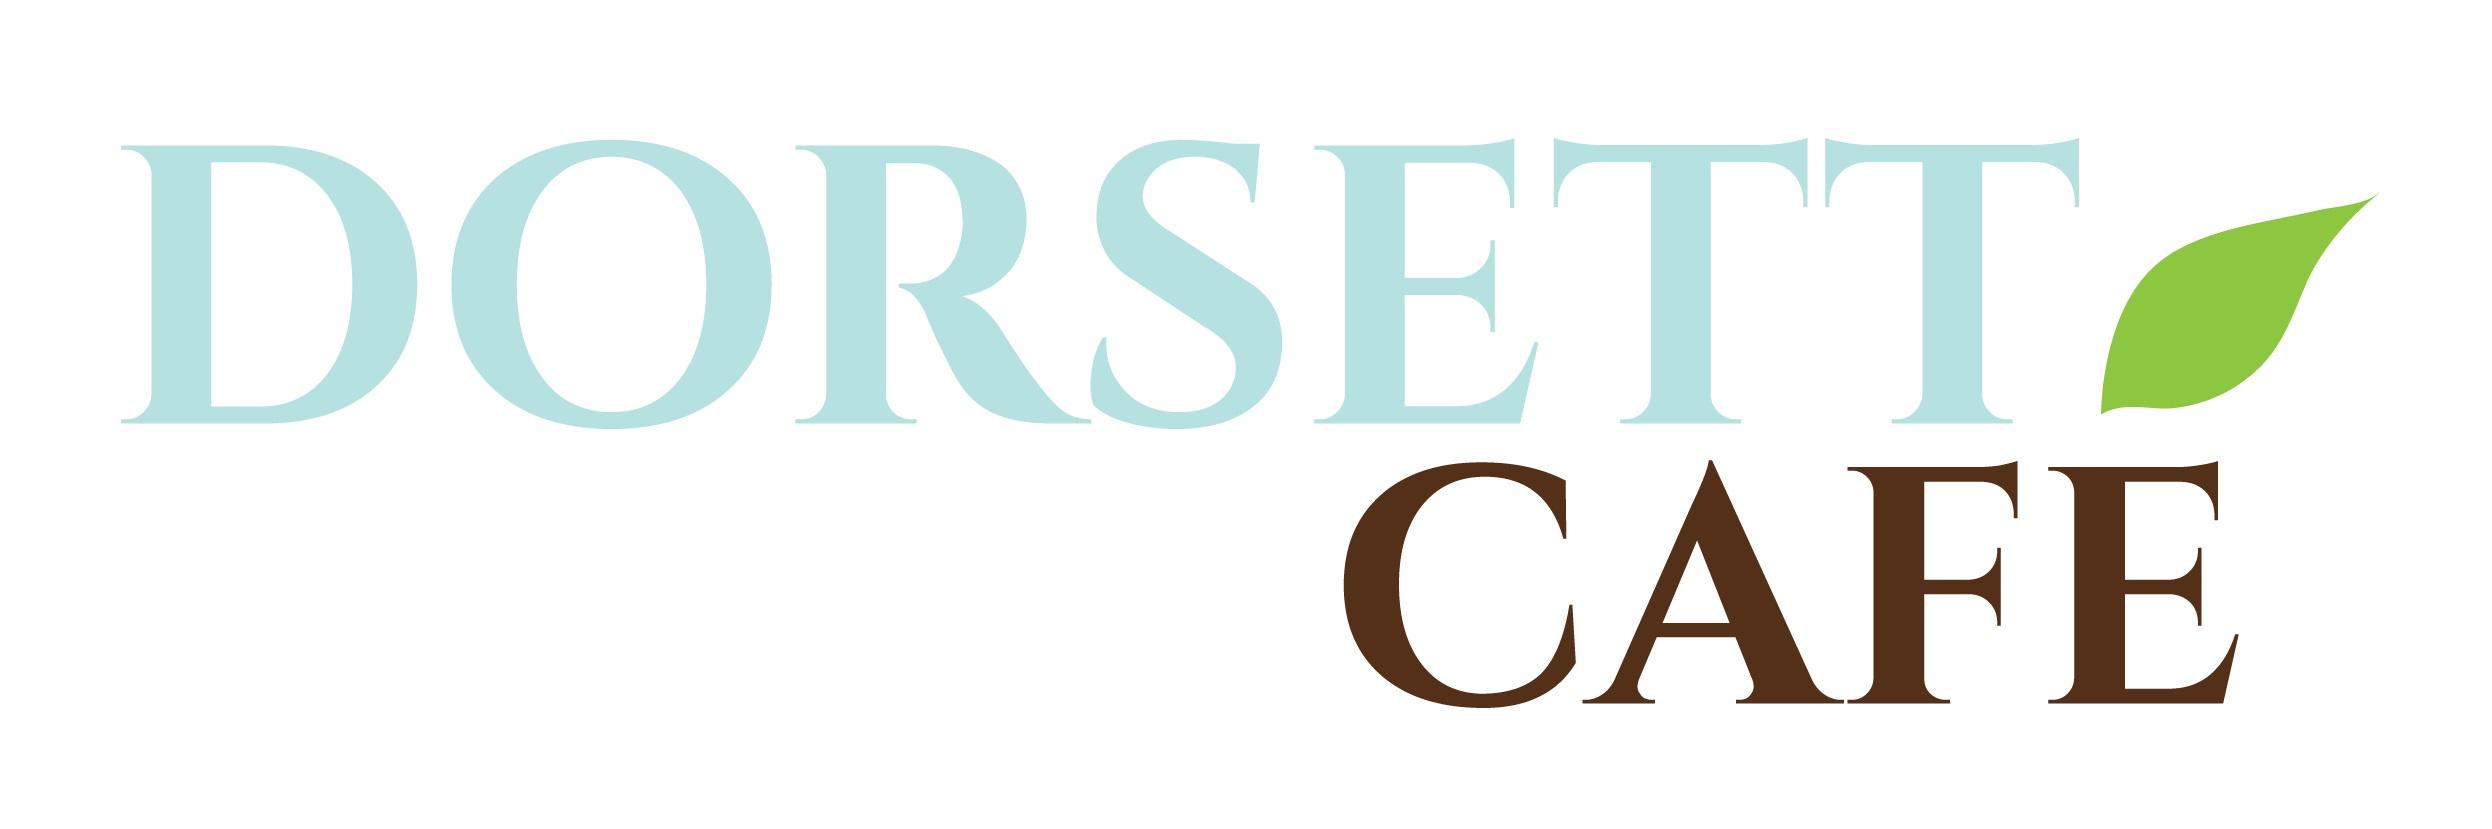 Dorsett Café - 香港荃灣帝盛酒店